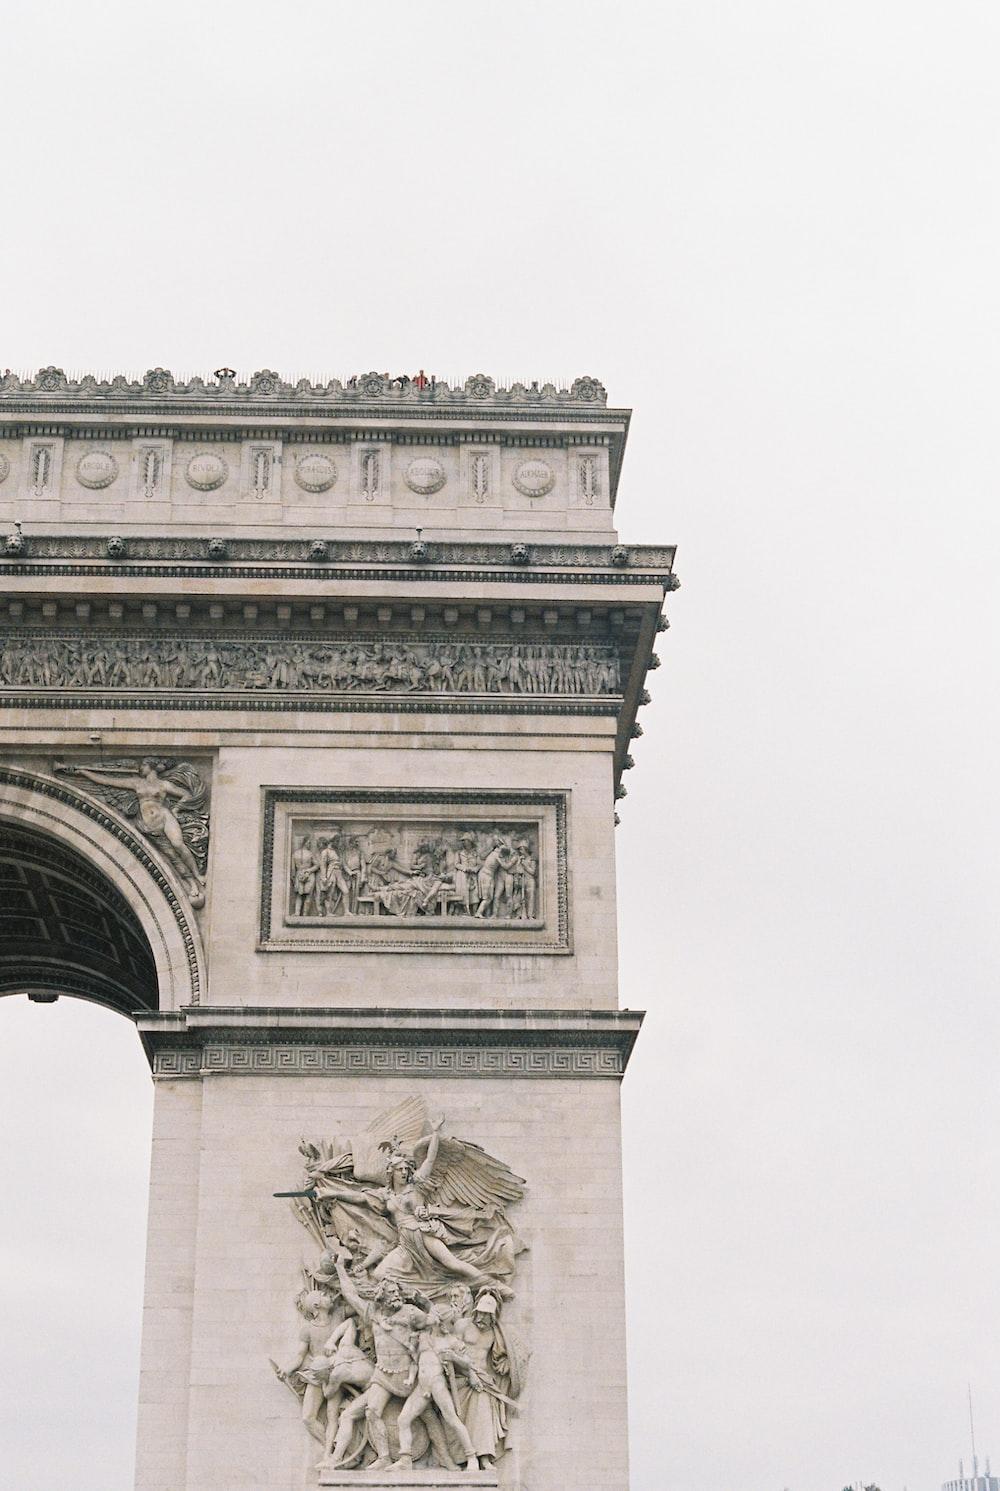 Arc De Triomphe Pictures Download Free Images On Unsplash